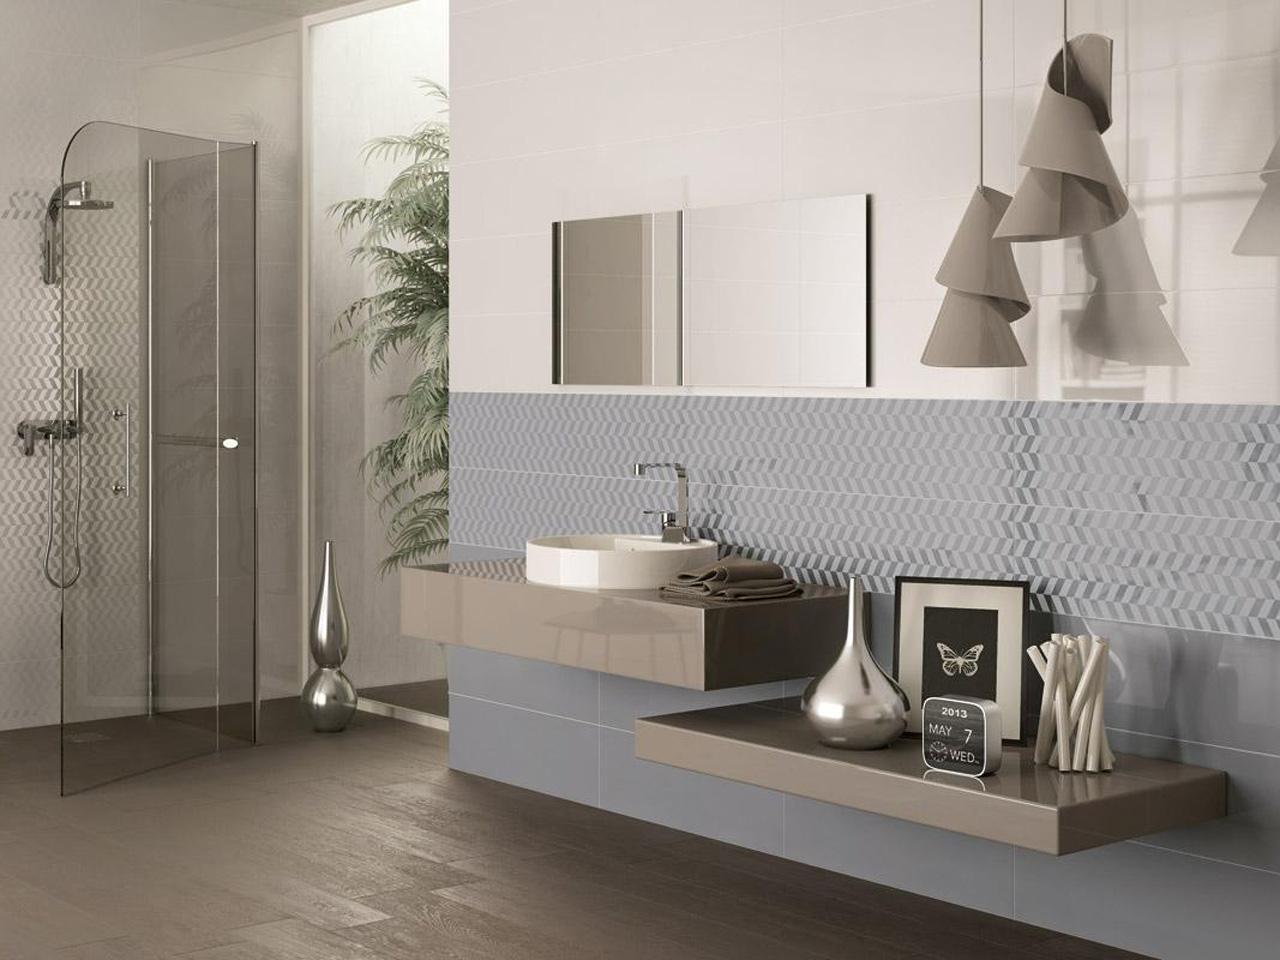 L altezza ideale per il rivestimento delle pareti del bagno houselet